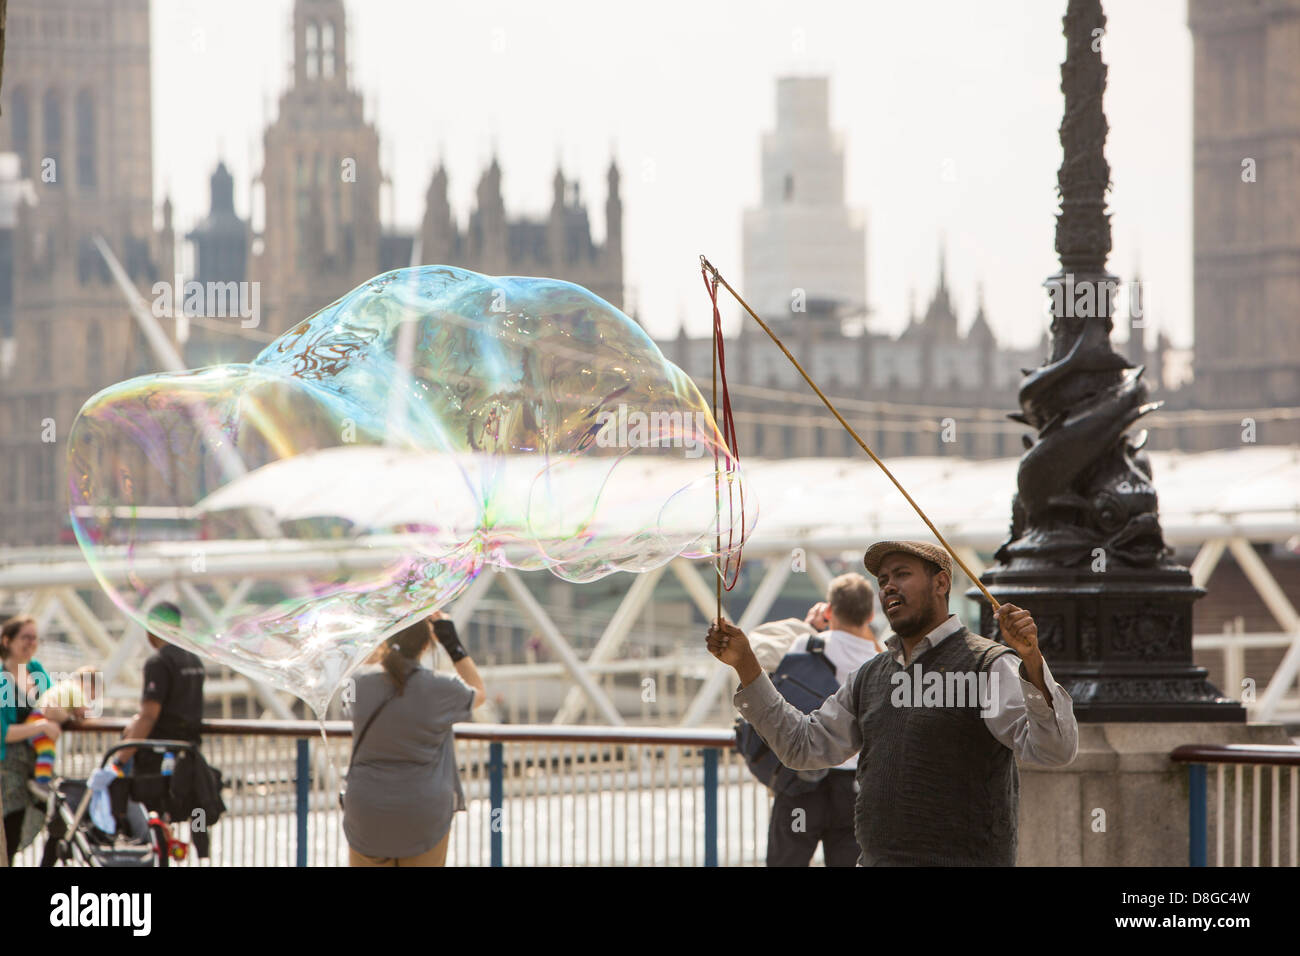 I Bambini a caccia di bolle realizzato da un animatore di strada su London South Bank. Immagini Stock